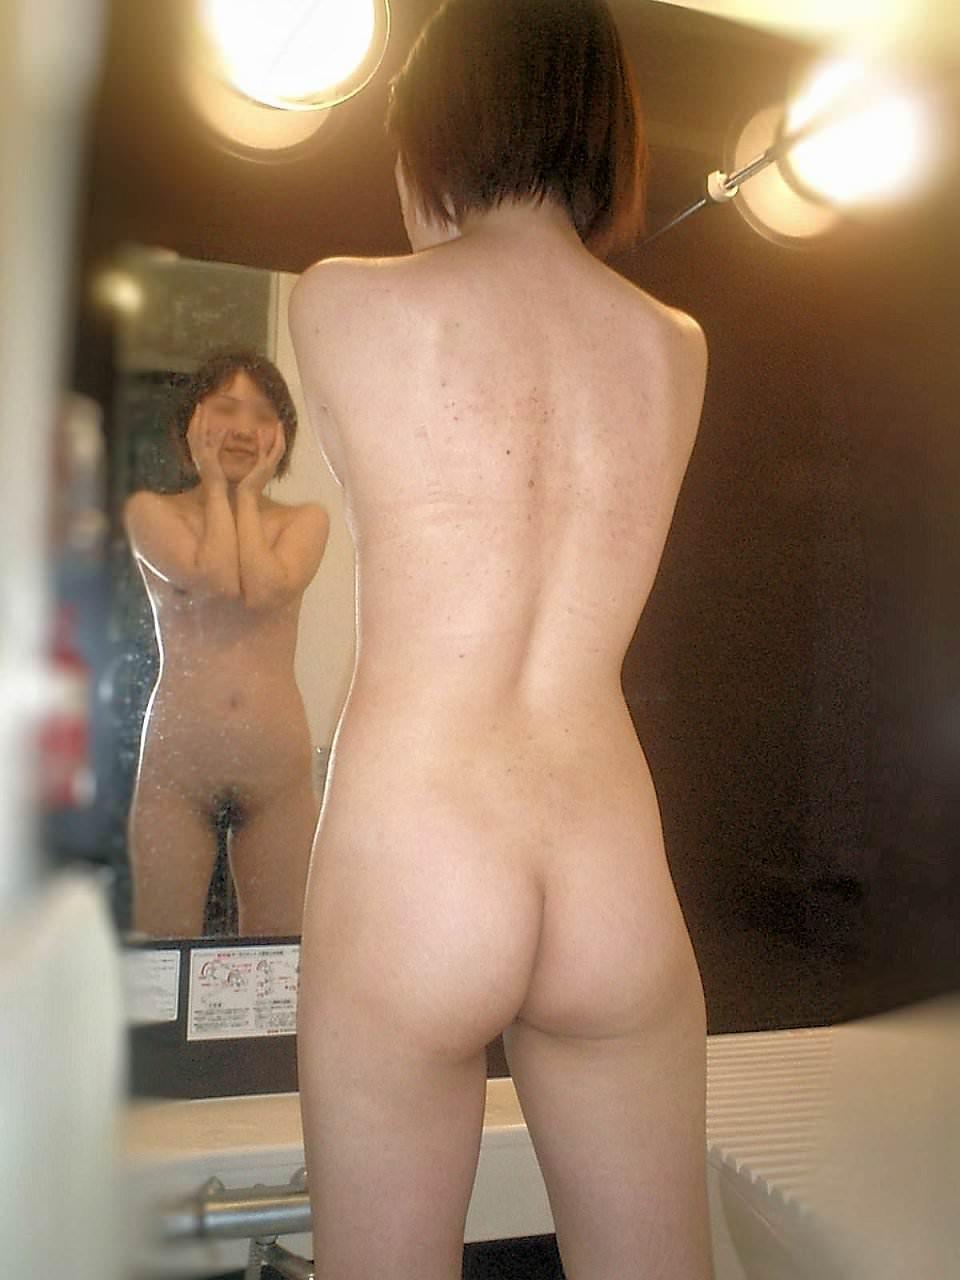 鏡越しに彼女のエロい姿を撮影だぁwwwラブホでいちゃつくカップルって裏山しいすなーwww 2431